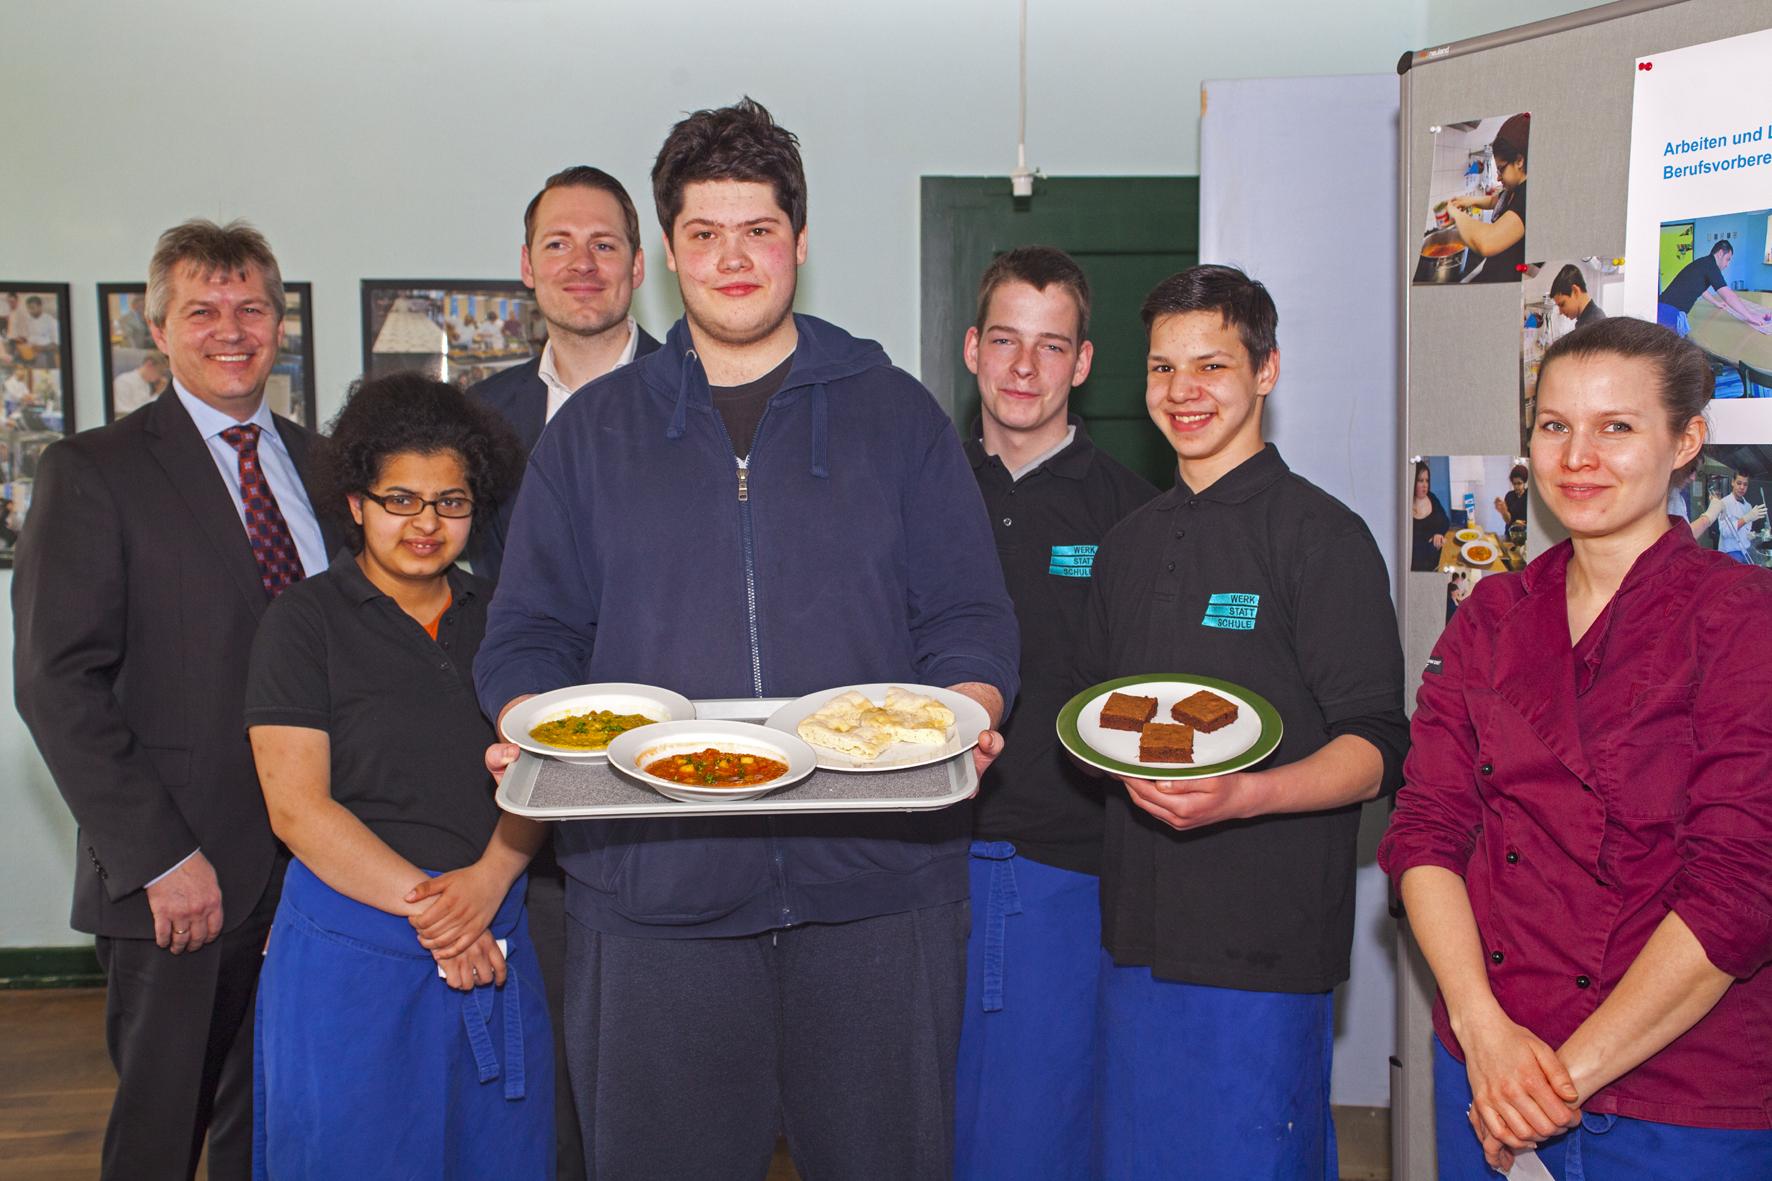 Udo Napp und Marcus Wolters mit der Crew der Suppenküche der werk-statt-schule die durch Aktion Sonnenstrahl ist leben gerufen werden konnte